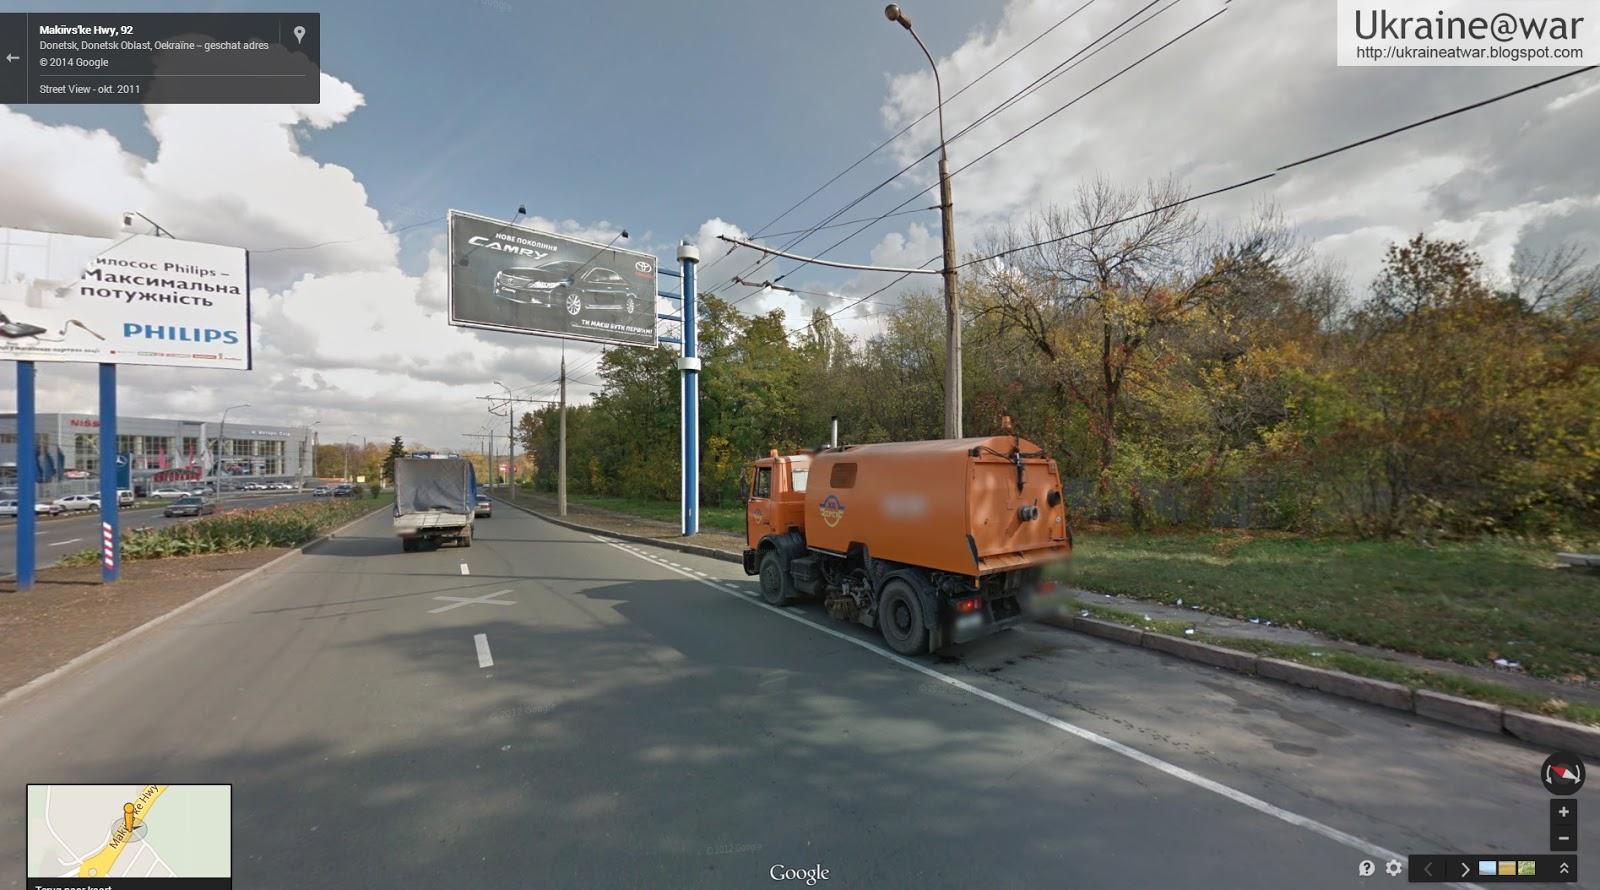 http://4.bp.blogspot.com/-AP-V9tvnCGU/U9Y1XCTuWRI/AAAAAAAATeA/UScT7i4Vim0/s1600/BUK+2+in+Donetsk.jpg